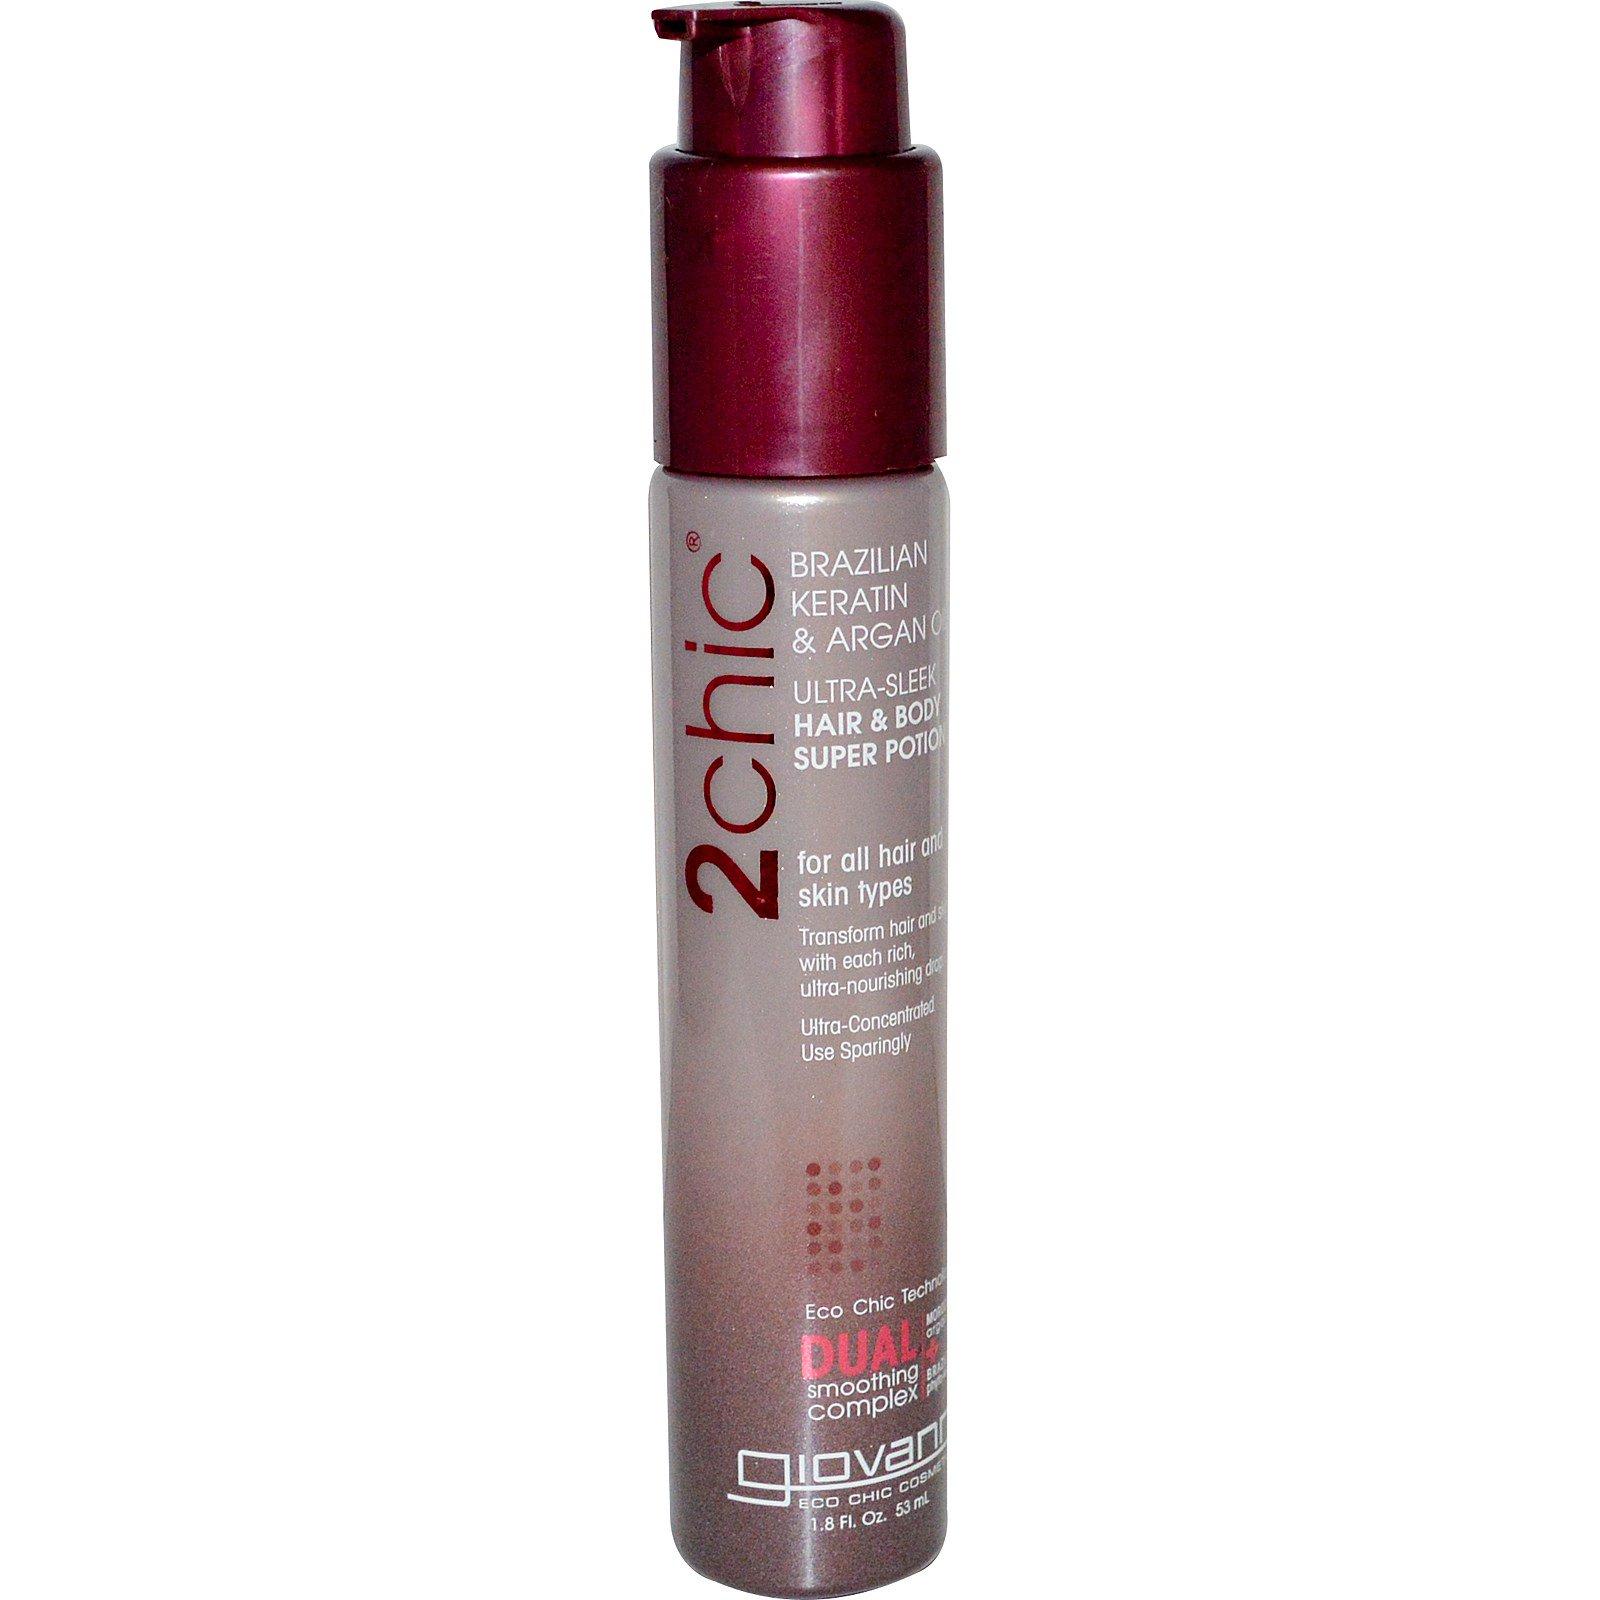 Giovanni, 2chic, Ultra-Sleek Средство для волос и тела, бразильский кератин и аргановое масло, 53 мл